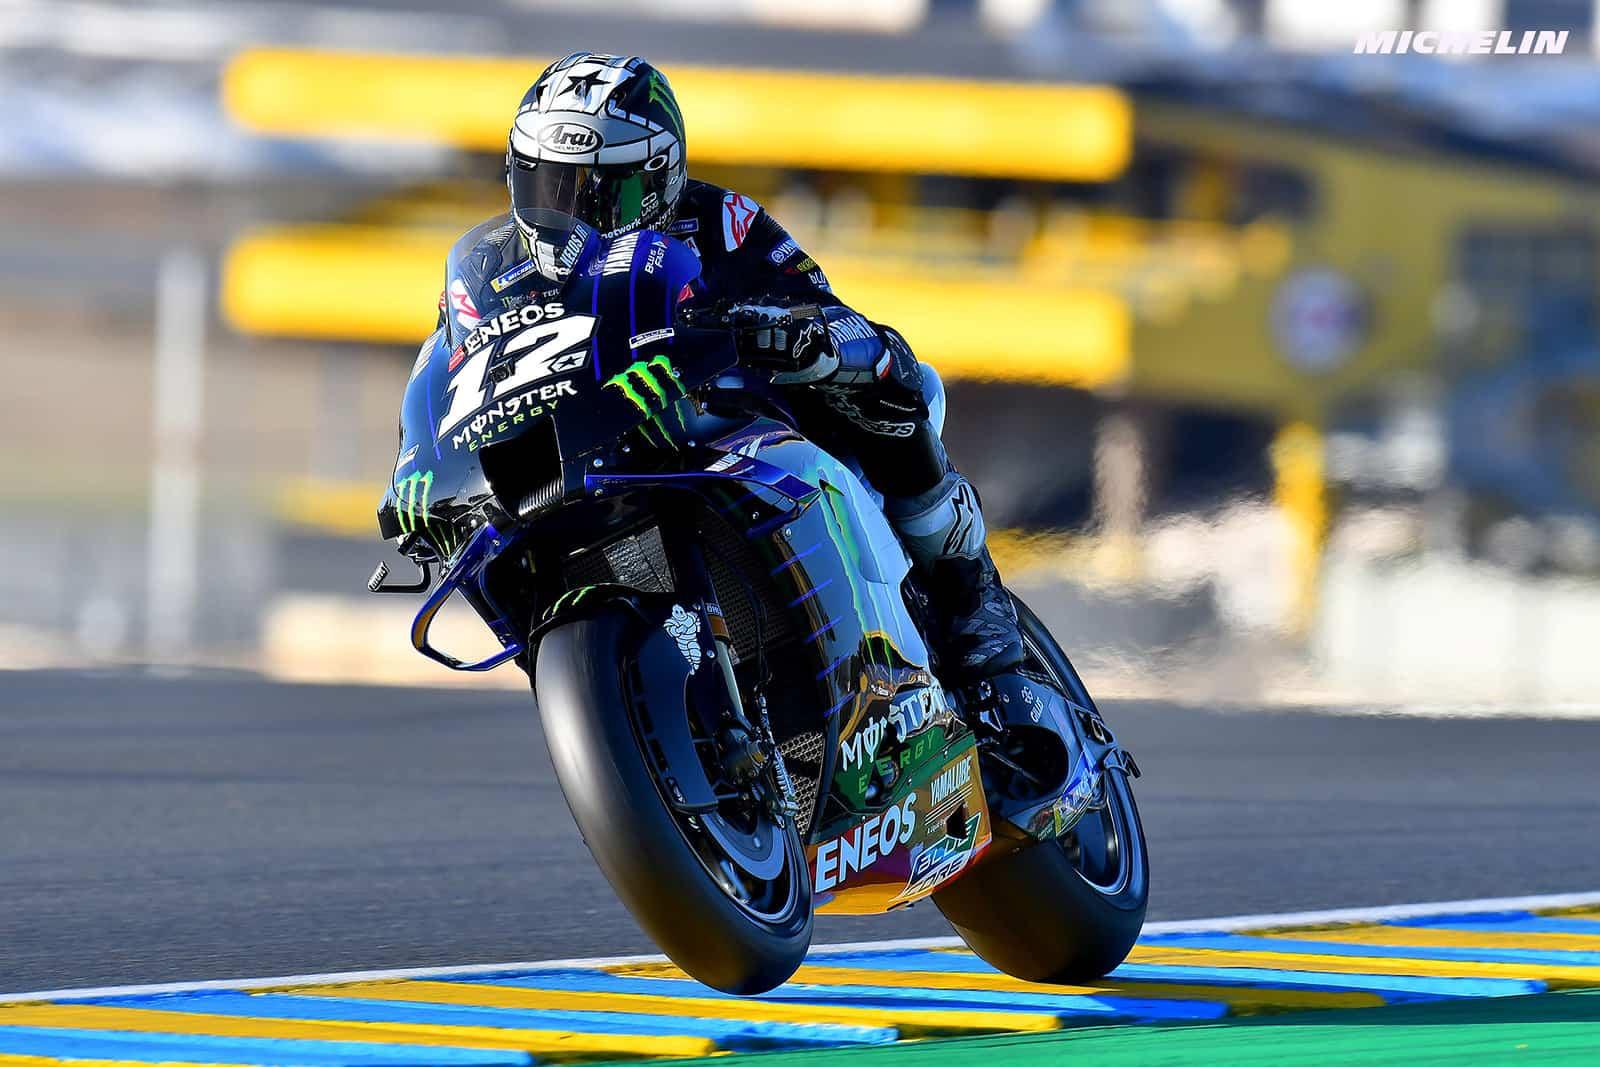 フランスGP 10位マーべリック・ビニャーレス「電制に頼らずスタートしたが上手くいかなかった」